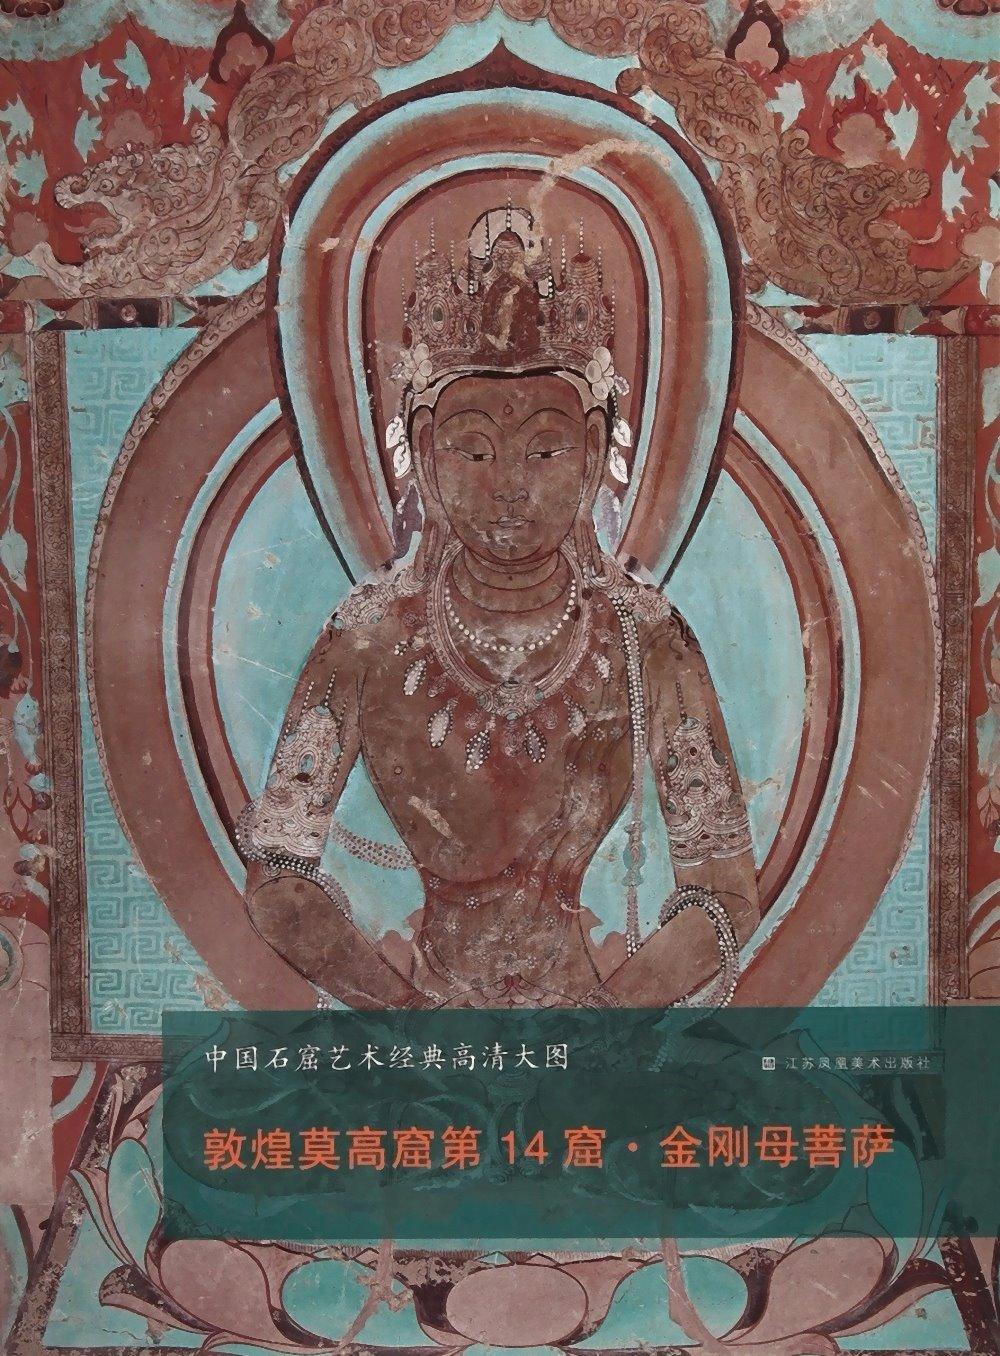 敦煌莫高窟第14窟•金剛母菩薩